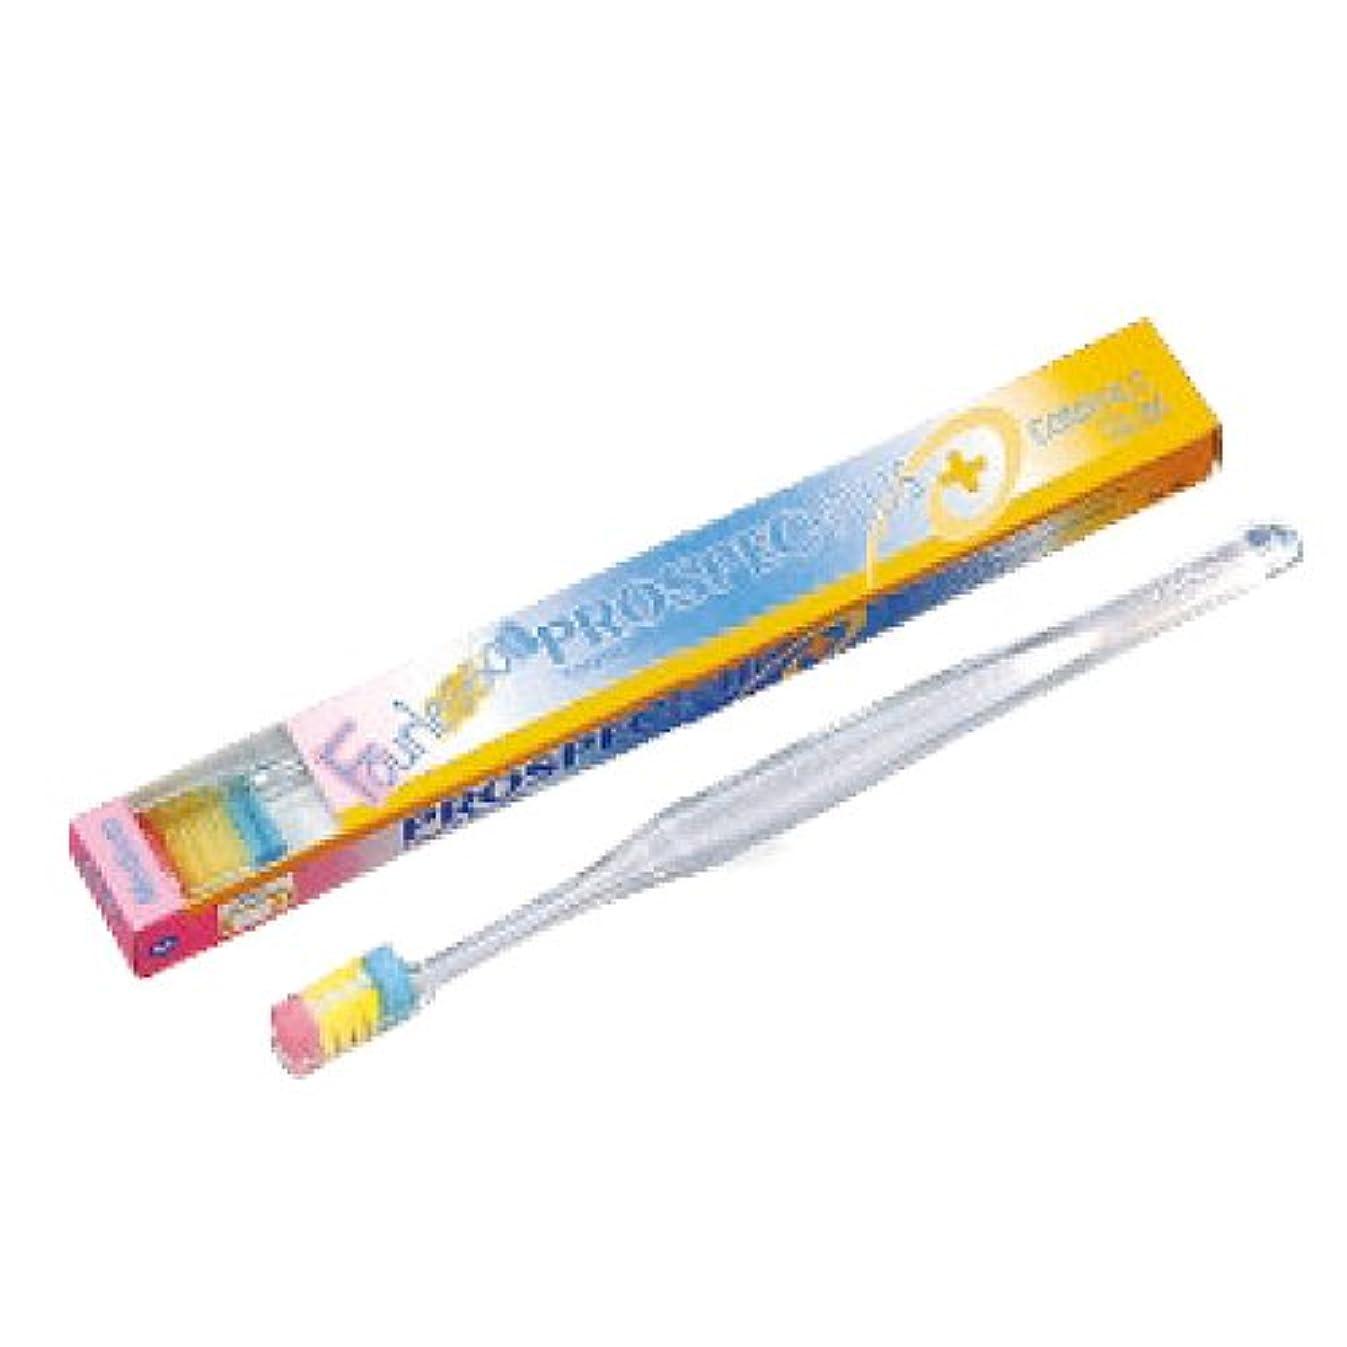 悪化する合理化頭痛プロスペック 歯ブラシ コンパクトスリム 1本 フォーレッスン 毛の硬さ ふつう